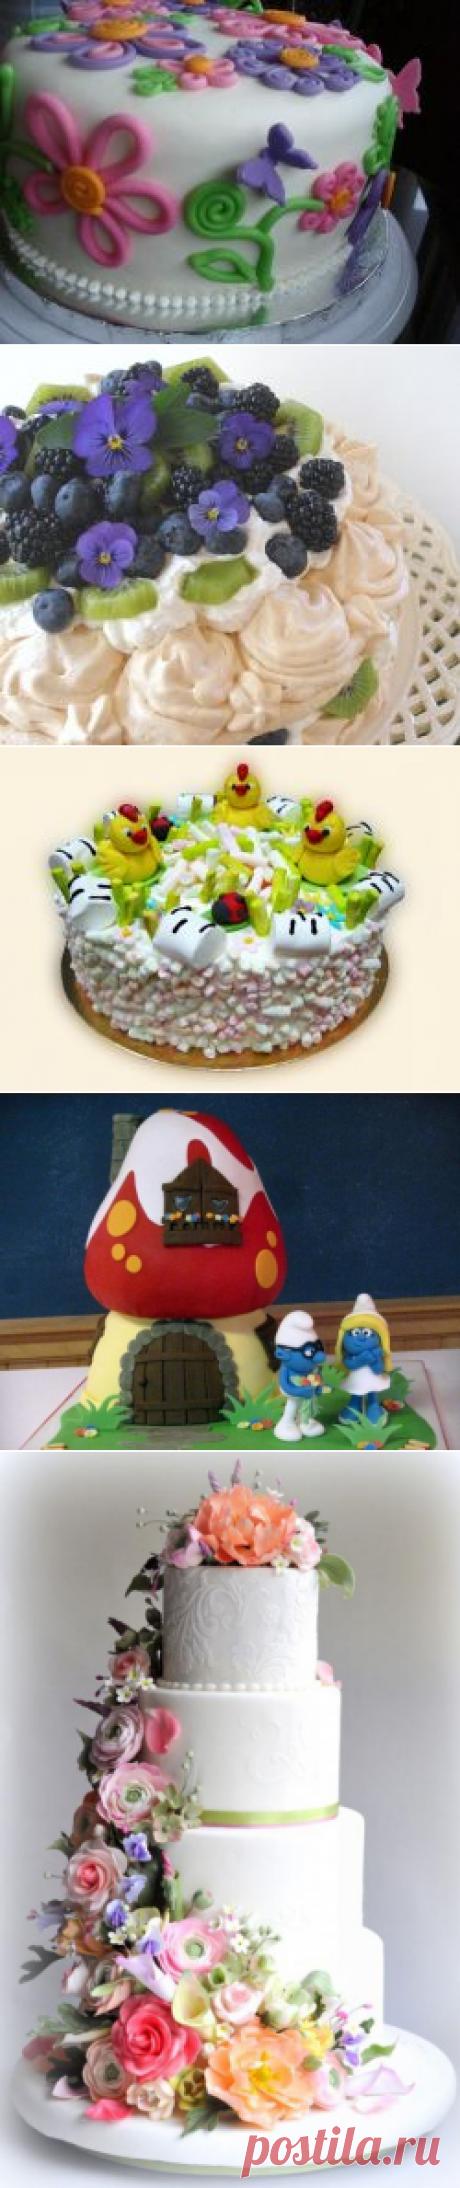 Торт из мастики своими руками: фото, мастер-класс. Как украсить торт мастикой: для детей, свадебный :: SYL.ru